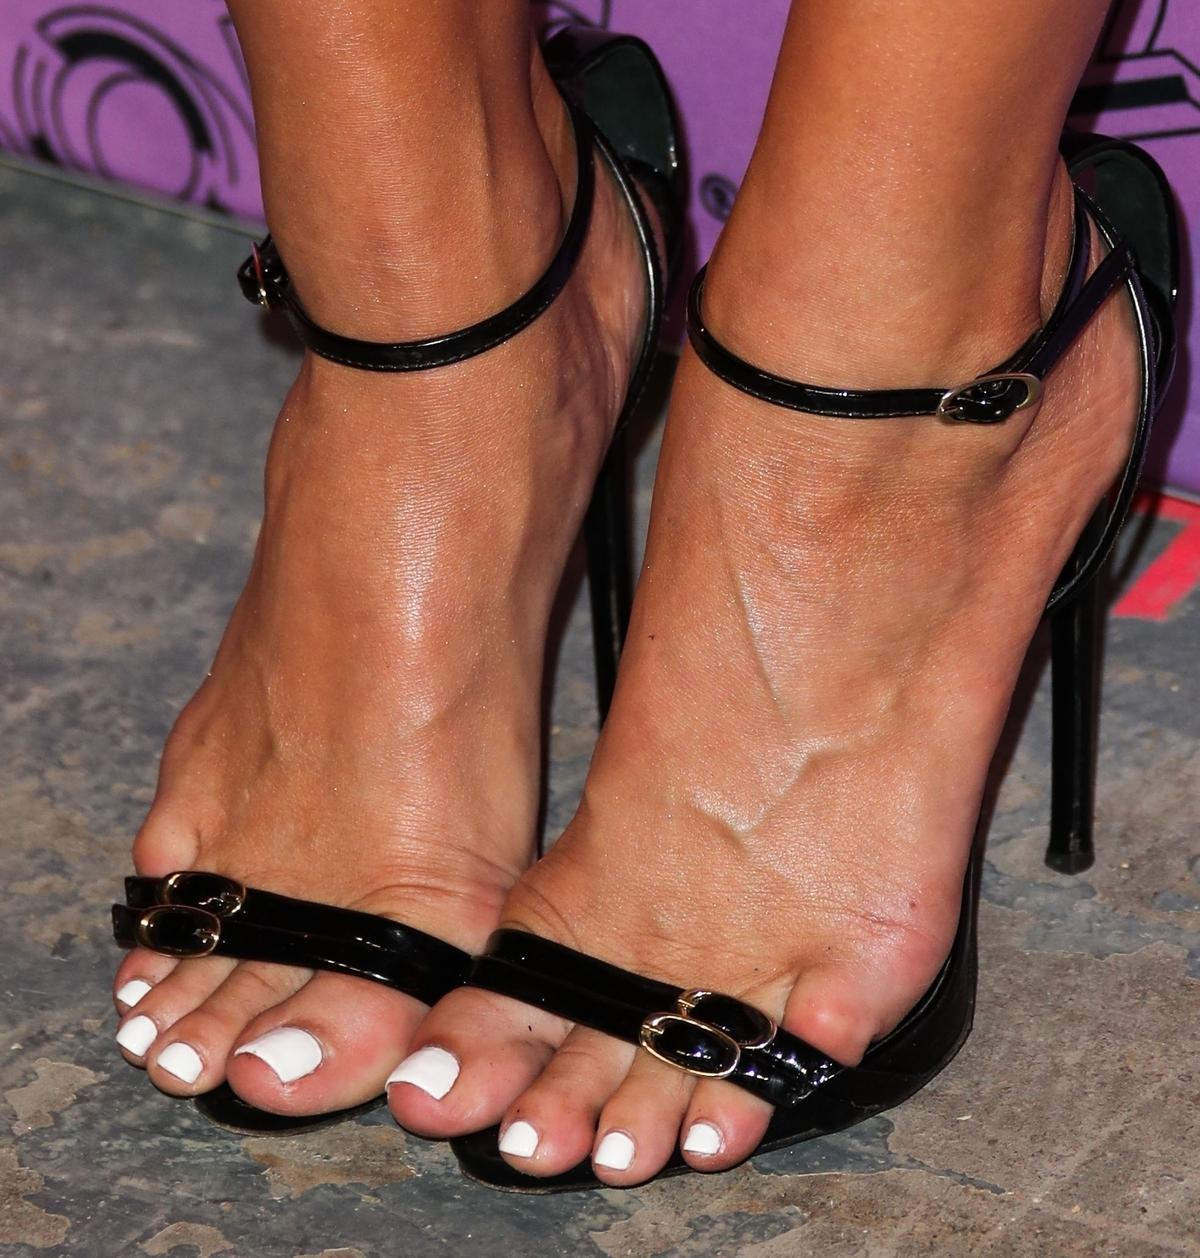 Ashlee Simpson's feet